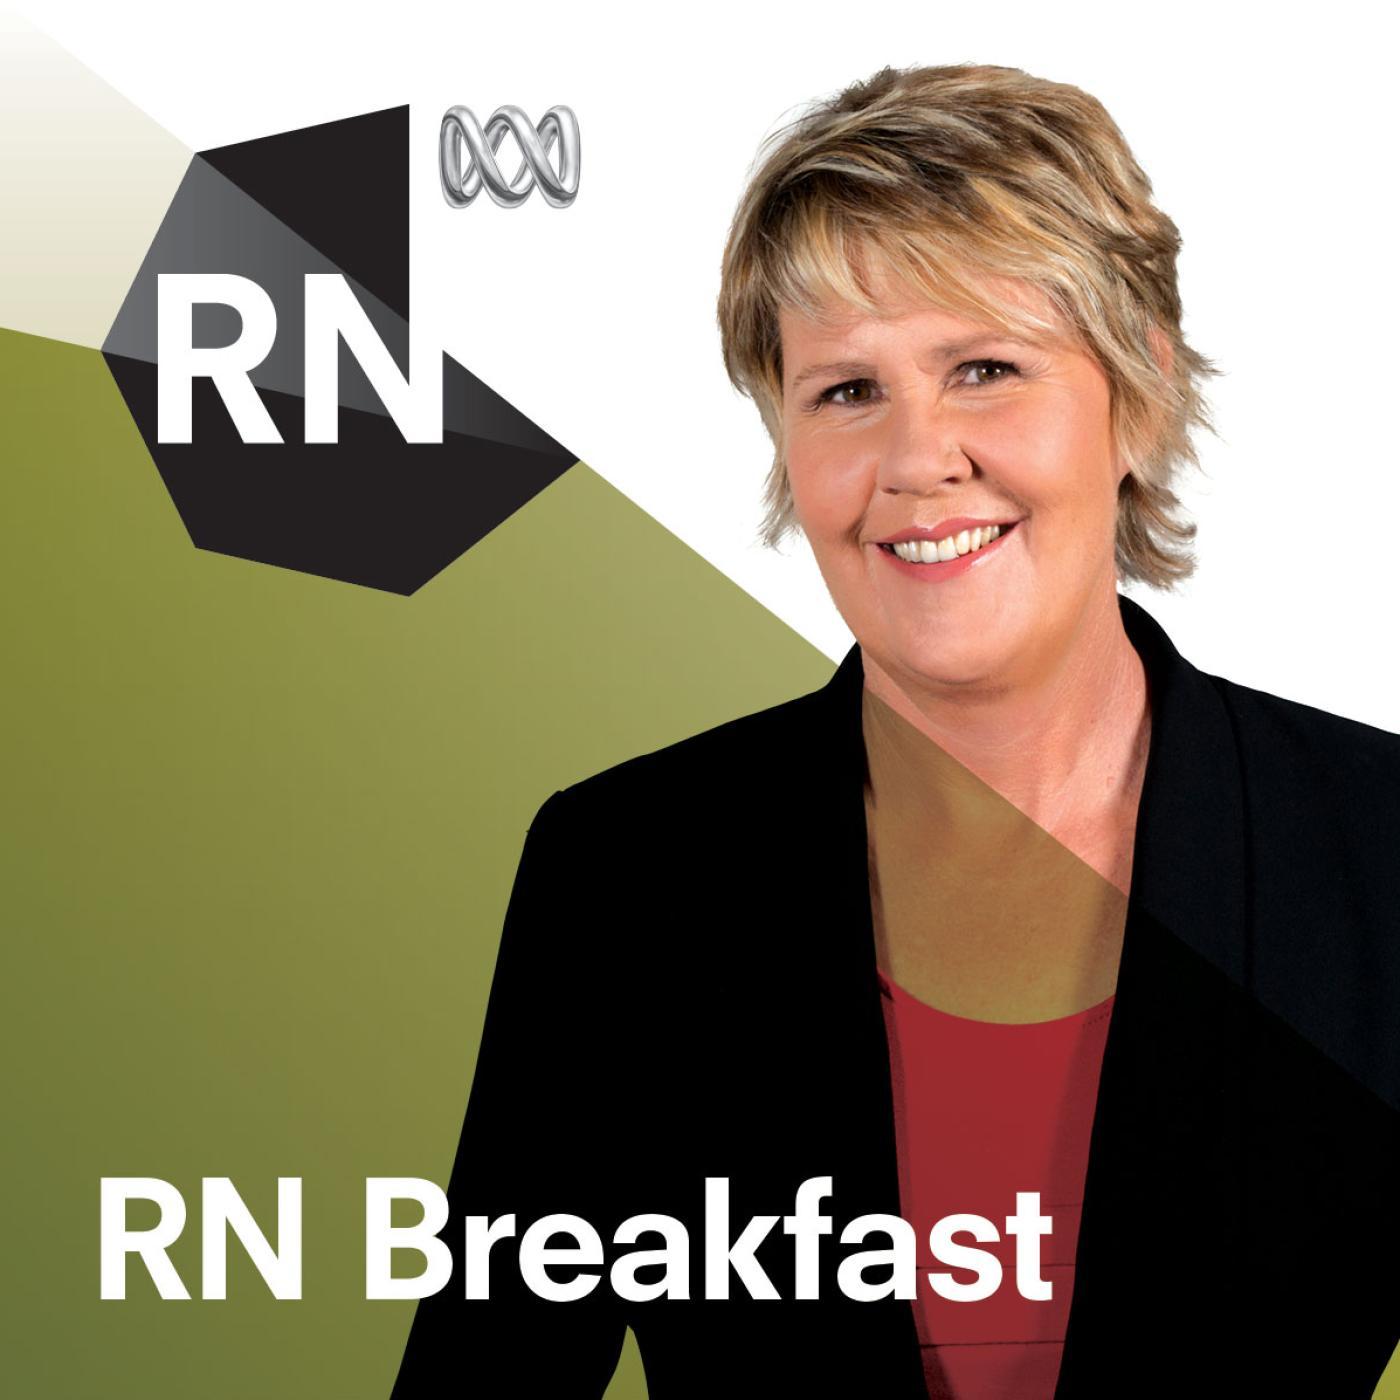 RNs Fran Kelly Acid Attacks 16 07 17 ABC Breakfast.jpg